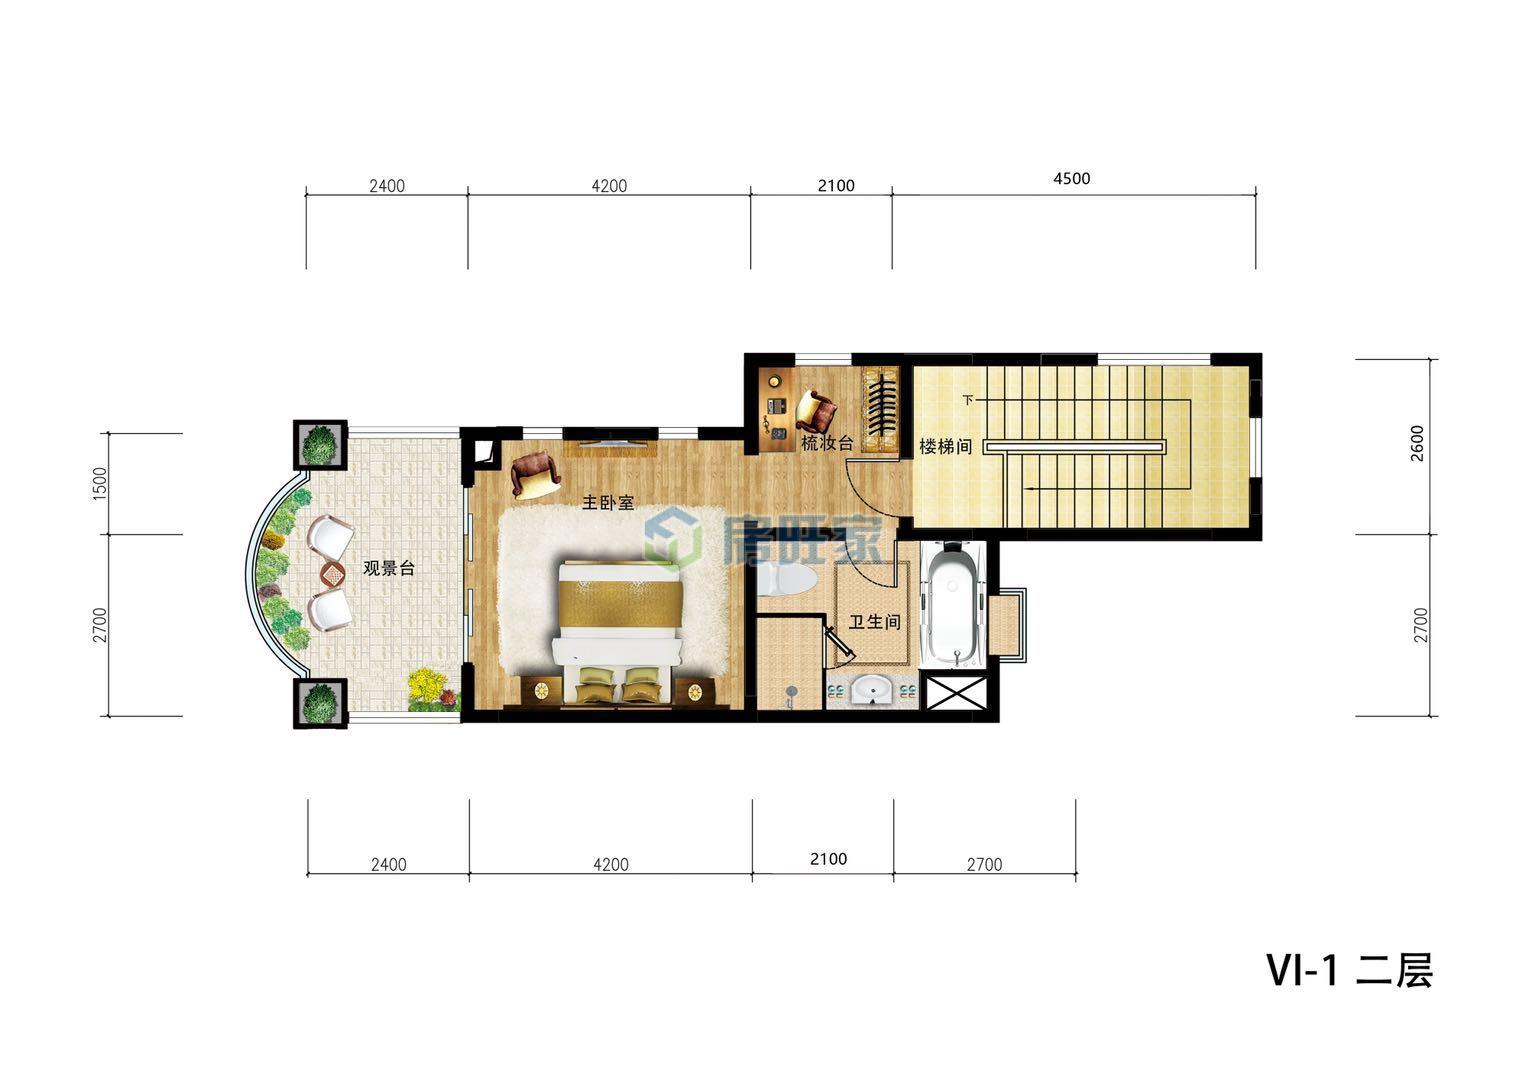 金泰南燕湾别墅VI-I户型 二层平面图